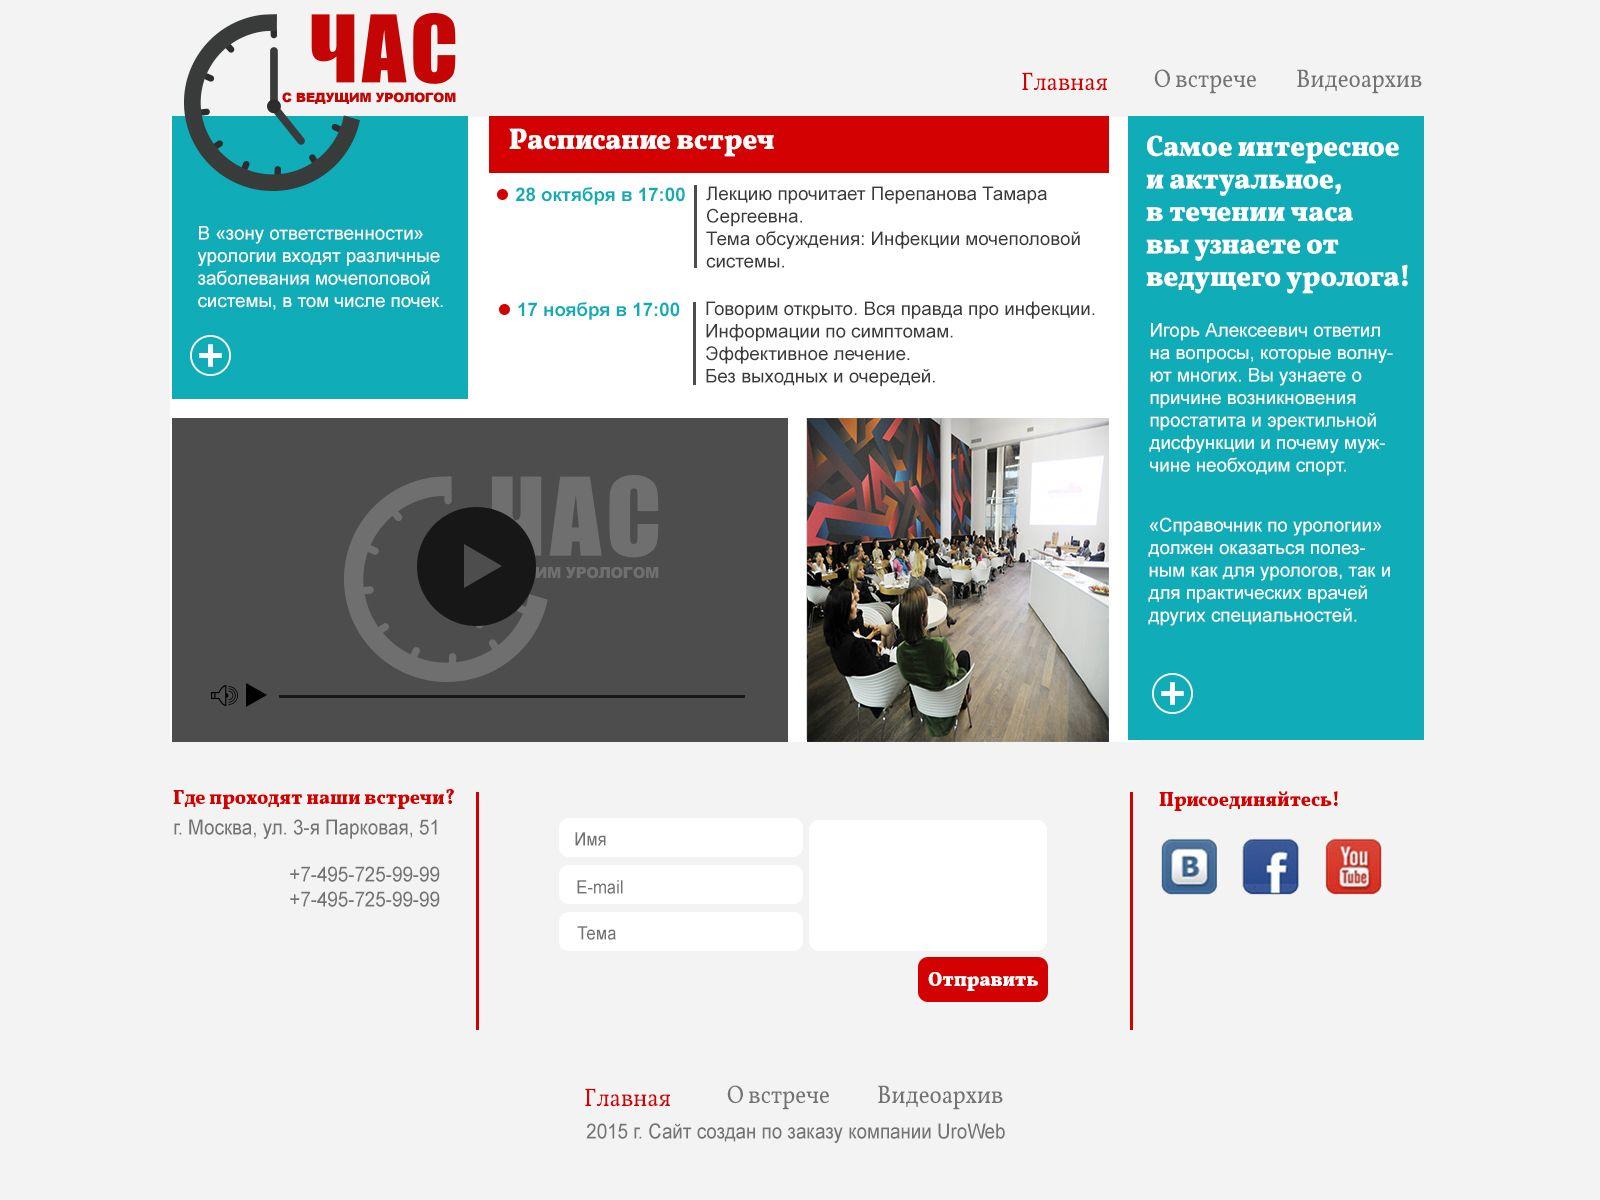 """Логотип и страница сайта для передачи """"Час с ведущим урологом"""""""